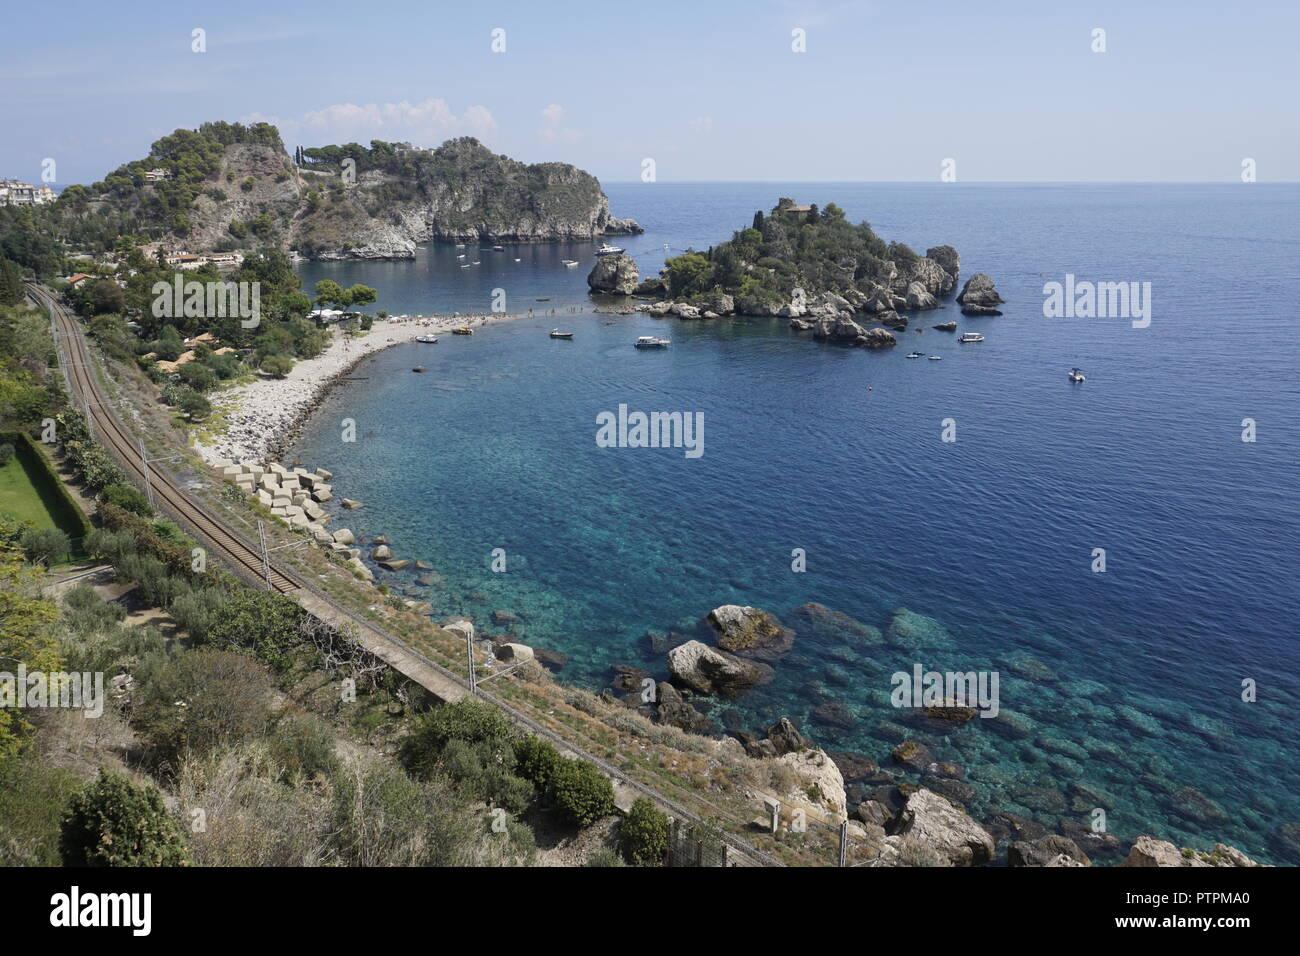 Isola Bella, hermosa pequeña isla y uno de los hitos de Taormina, Sicilia, Italia Foto de stock